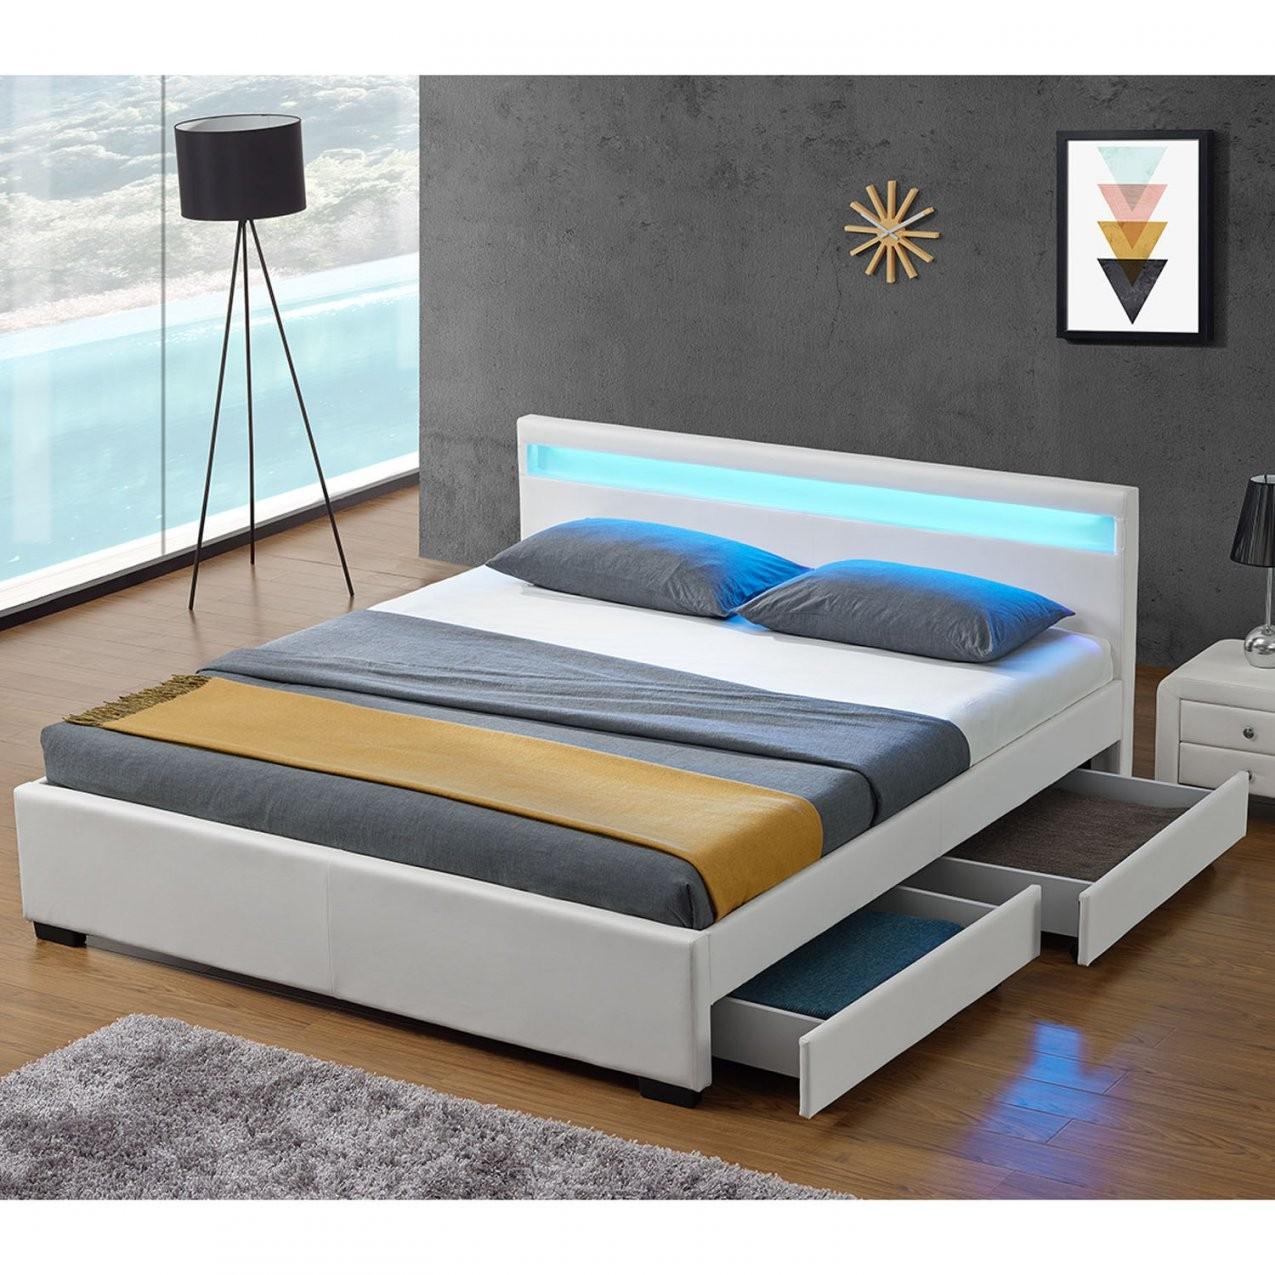 Polsterbett Lyon Mit Bettkasten 140 X 200 Cm  Weiß  Juskys von Polsterbett 140X200 Weiß Bild